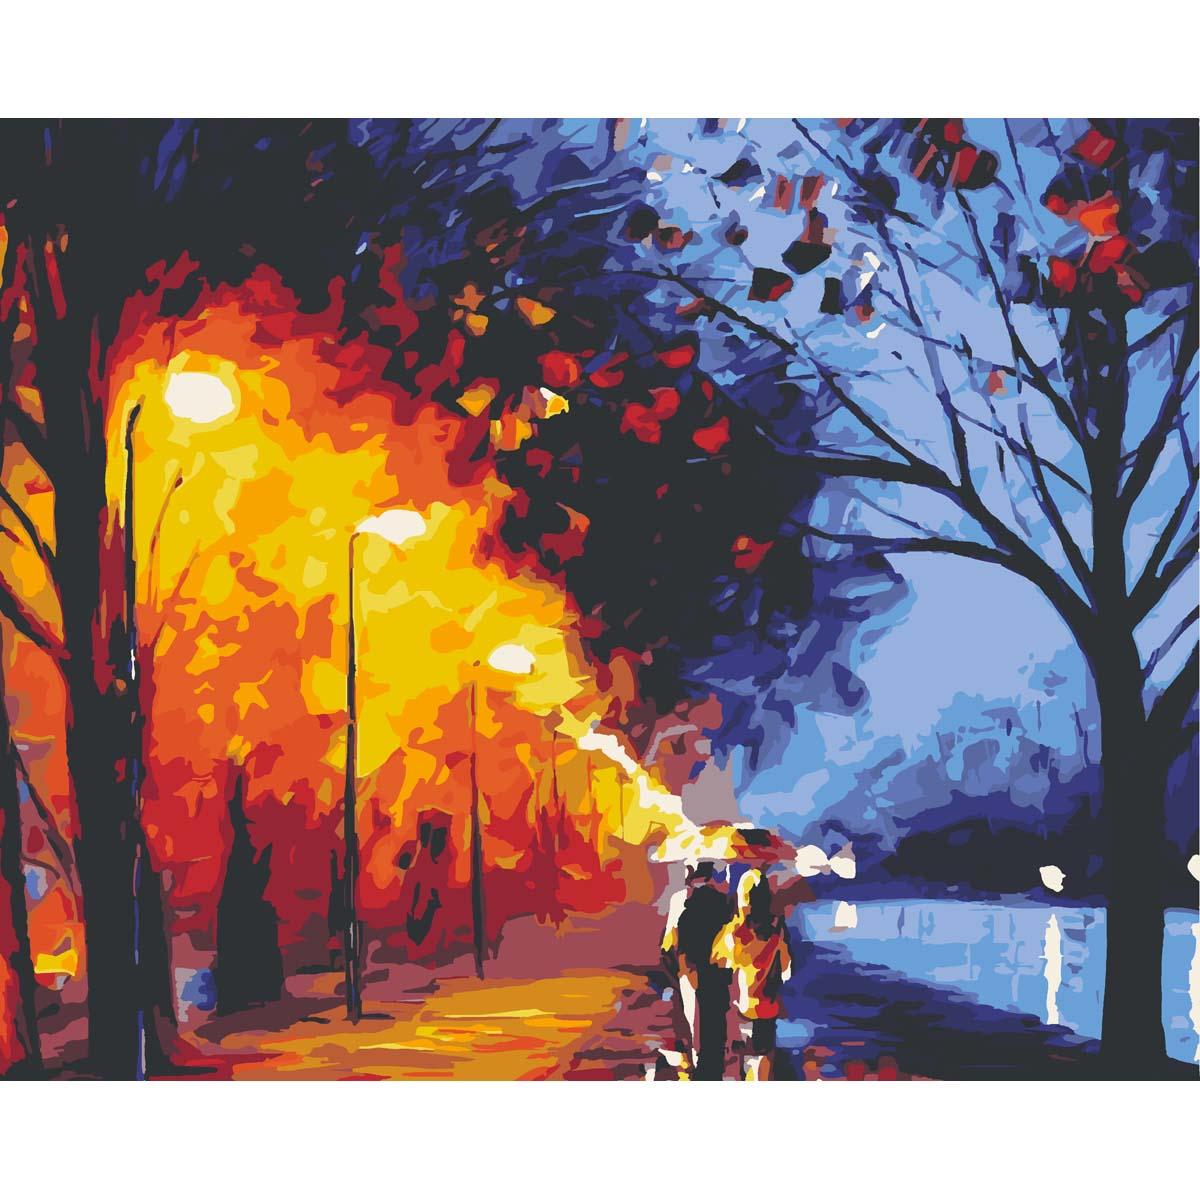 HS0200 Набор для рисования по номерам 'Прогулка в ночном парке' 40*50см